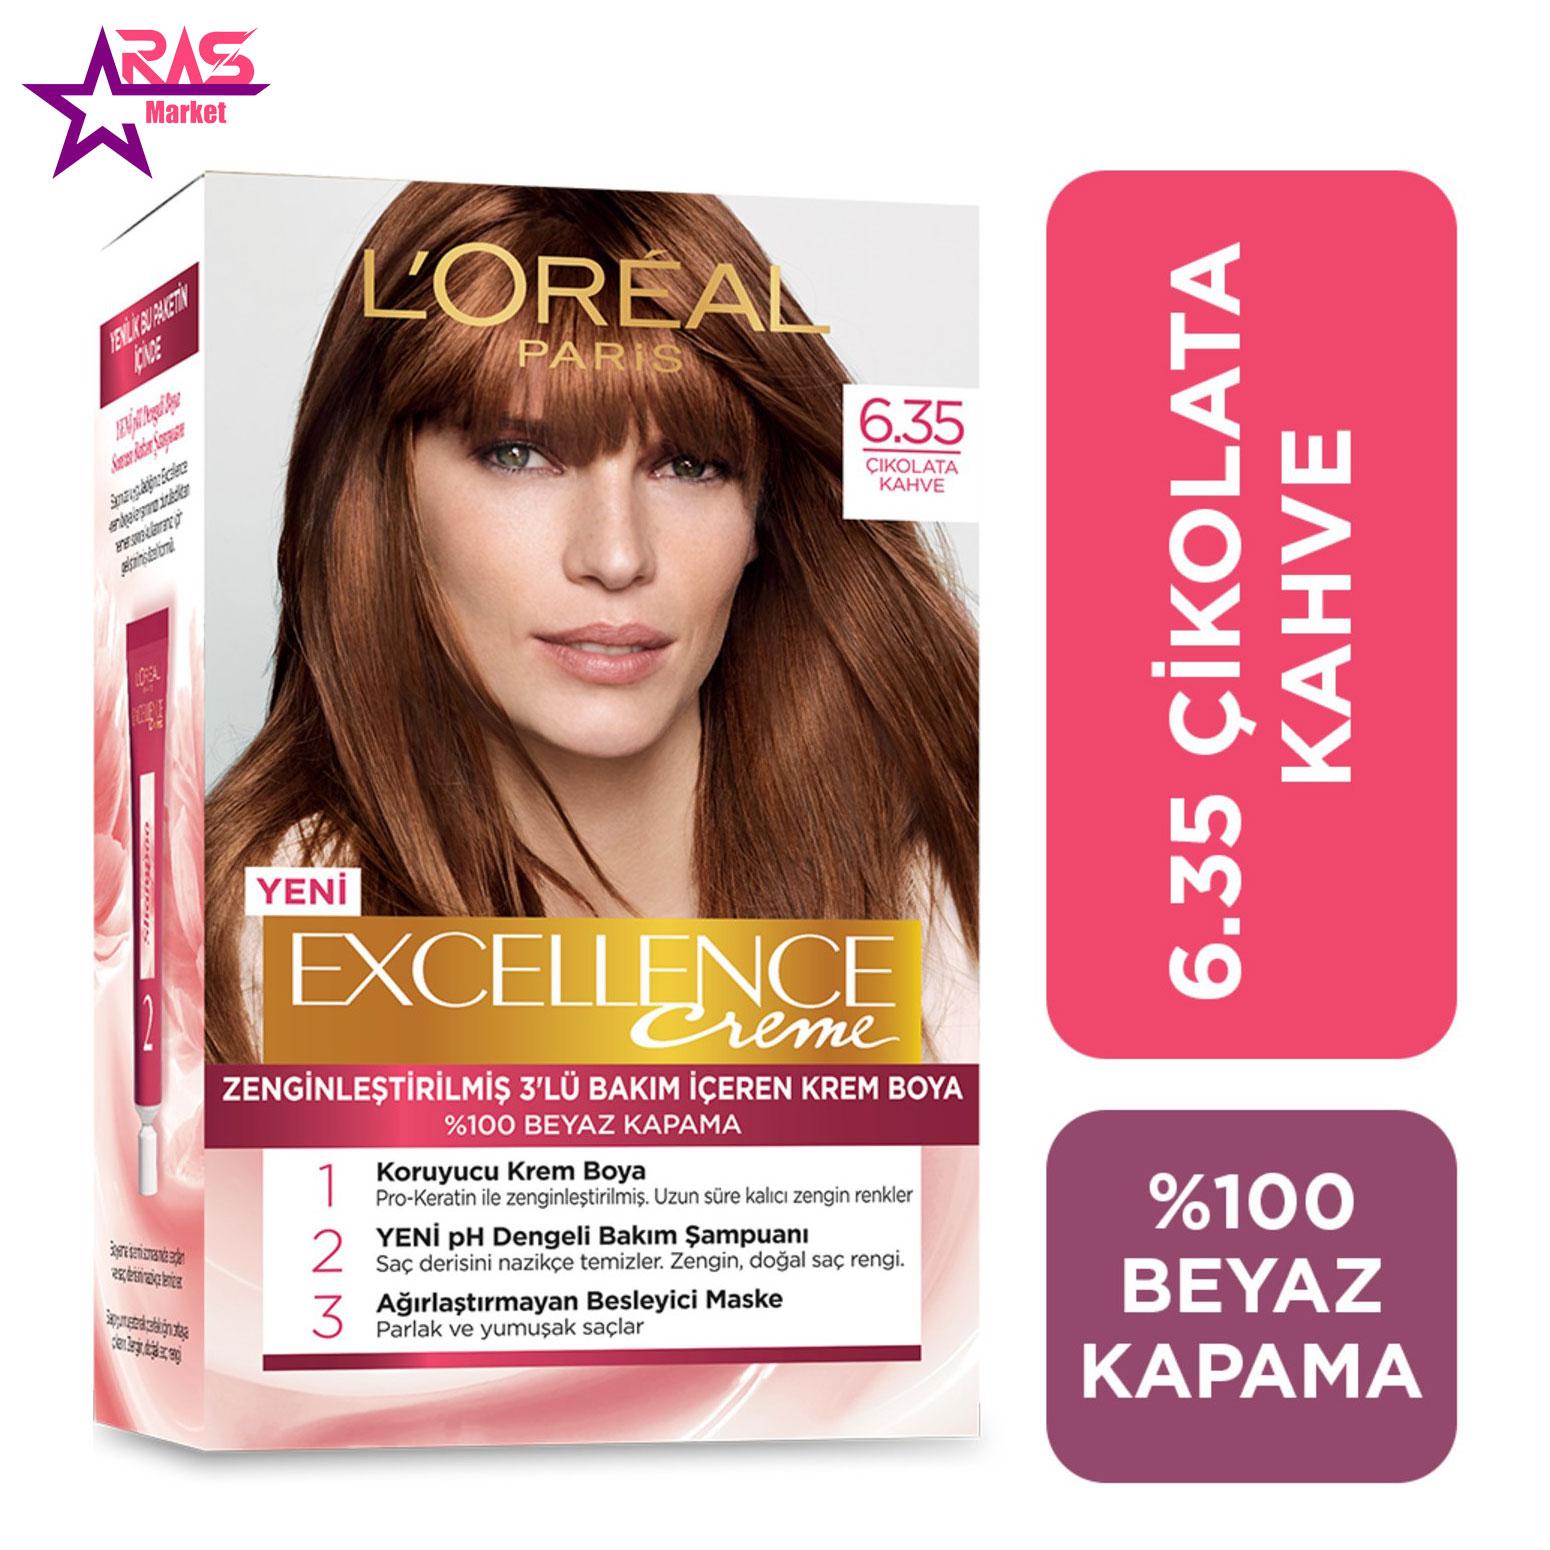 کیت رنگ مو لورآل سری Excellence شماره 6.35 ، فروشگاه اینترنتی ارس مارکت ، بهداشت بانوان